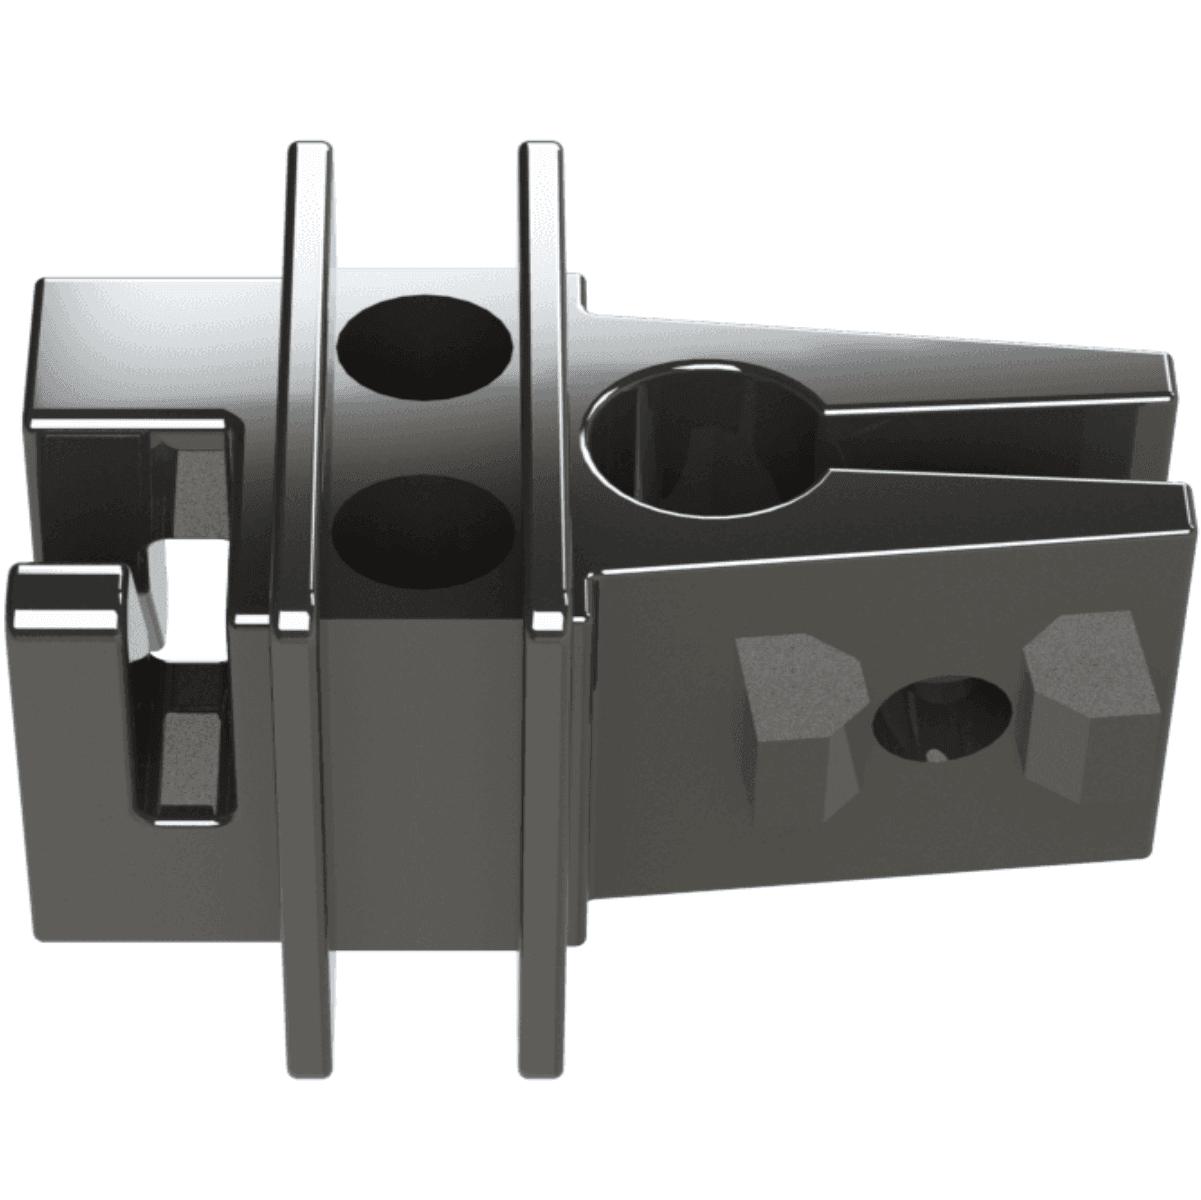 Kit Cerca Elétrica Para Cachorro Pequeno E Médio Porte Com Isolador Vergalhão Fio Eletro Plástico Porteira Placa Cuidado  - Ambientude Agro e Pet